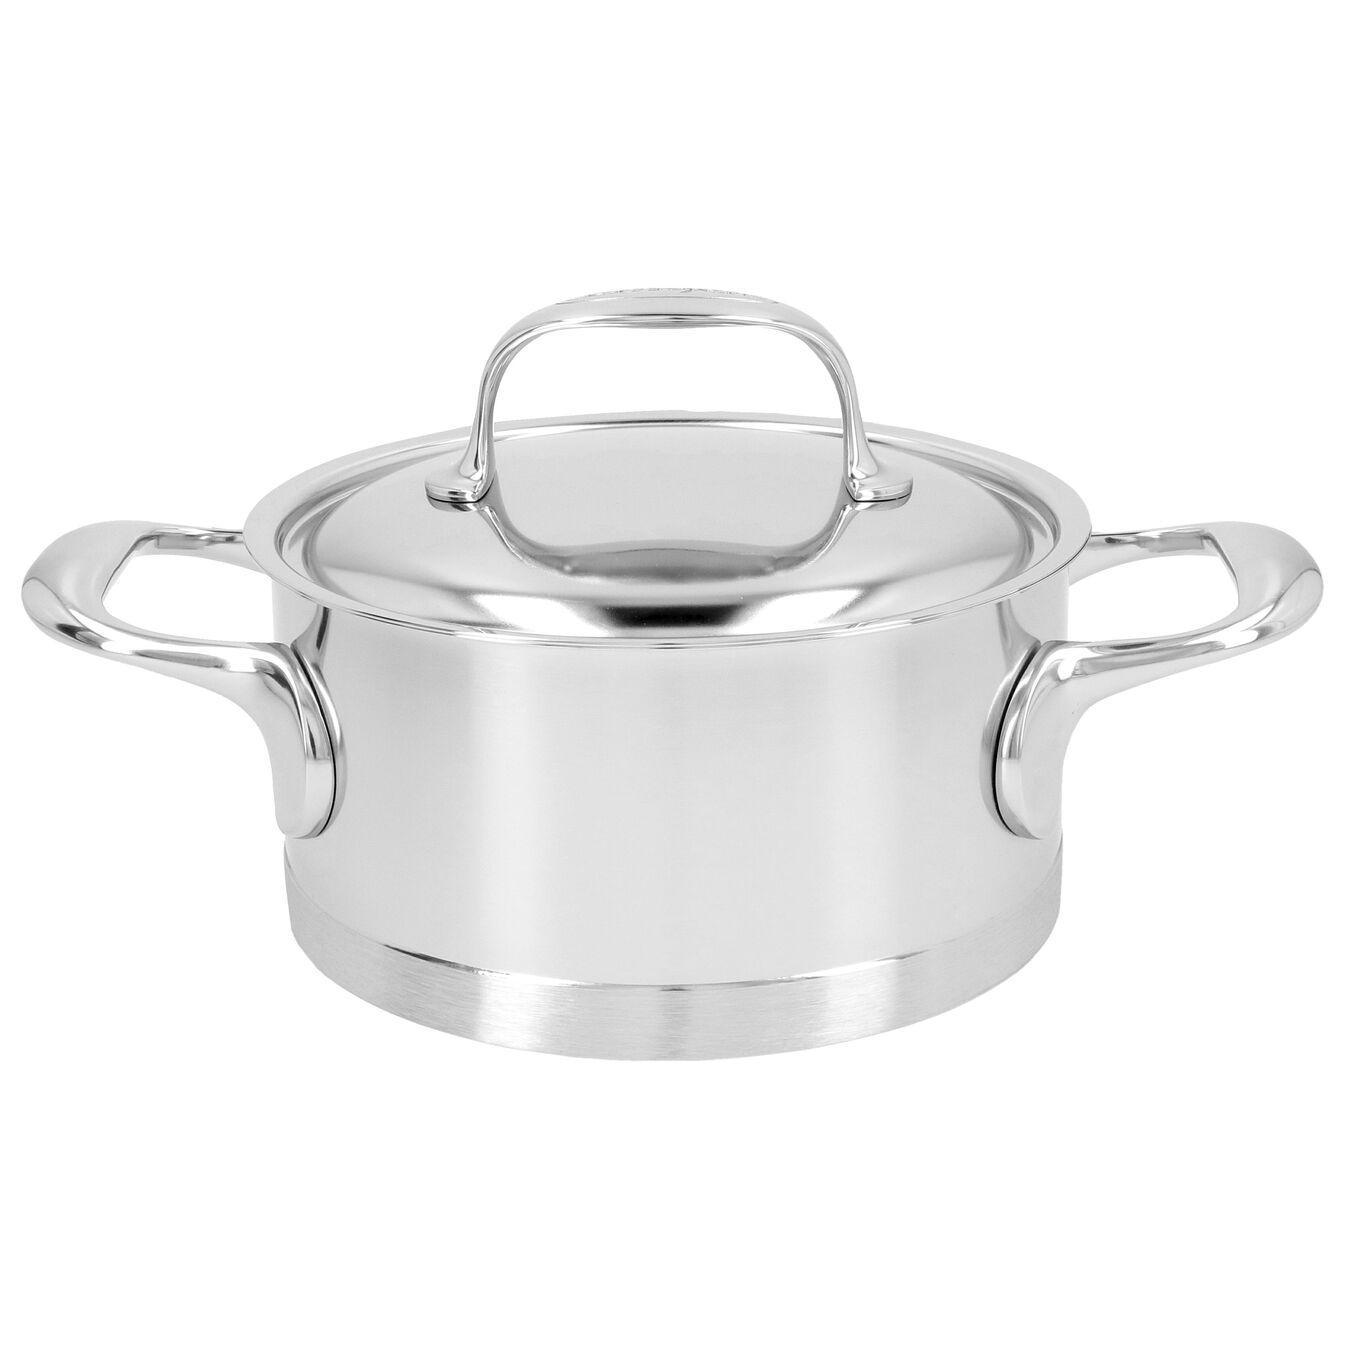 Kookpan met deksel 16 cm / 1.5 l,,large 1